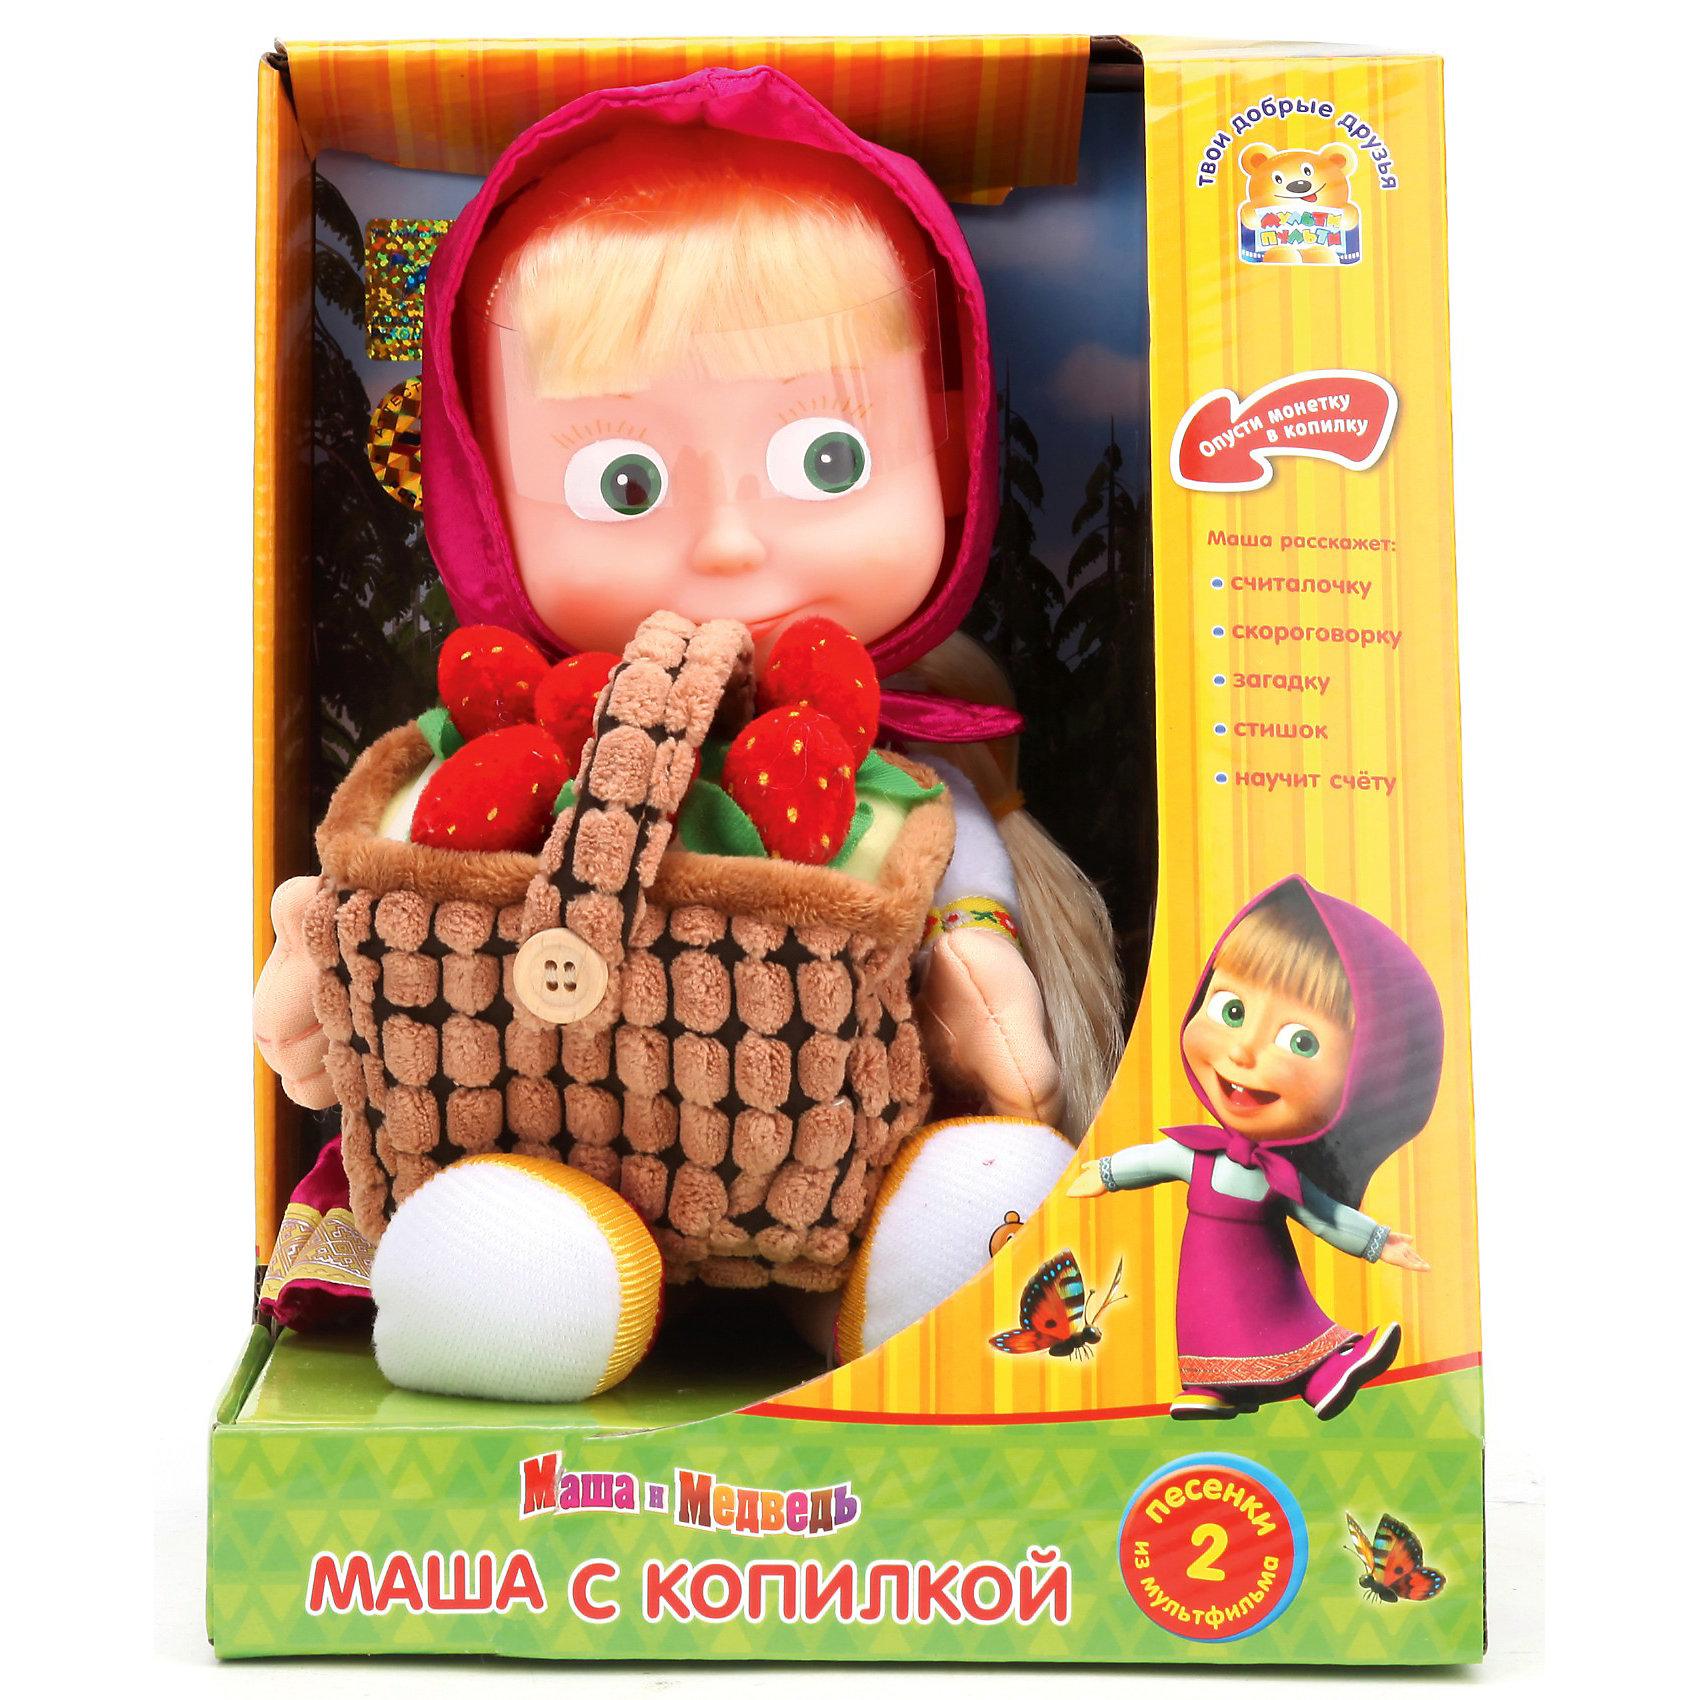 Маша с копилкой для денег, Маша и медведь, МУЛЬТИ-ПУЛЬТИИгрушки<br>Мягкая игрушка Маша с копилкой для денег, Маша и медведь, Мульти-Пульти станет замечательным подарком для Вашего ребенка. В серии мягких игрушек от бренда Мульти-Пульти представлено множество персонажей любимых мультфильмов и сказок. Веселая, озорная девочка Маша - главная героиня популярного мультсериала Маша и Медведь, внешний вид игрушки соответствует своему персонажу из мультфильма. В руках у Маши корзинка-копилка, бросая в нее монетки Вы услышите фразы из мультфильма голосом персонажа, стихи и веселые песенки.<br><br>Дополнительная информация:<br><br>- Материал: искусственный мех, текстиль, набивка: полиэфирное волокно.<br>- Требуются батарейки (демонстрационные входят в комплект). <br>- Размер игрушки: 30 см.<br>- Размер упаковки: 20 ? 17 ? 26 см.<br>- Вес: 0,58 кг.<br><br>Мягкую игрушку Маша с копилкой для денег, Маша и Медведь, Мульти-Пульти можно купить в нашем интернет-магазине.<br><br>Ширина мм: 200<br>Глубина мм: 170<br>Высота мм: 260<br>Вес г: 580<br>Возраст от месяцев: 12<br>Возраст до месяцев: 60<br>Пол: Унисекс<br>Возраст: Детский<br>SKU: 3778131